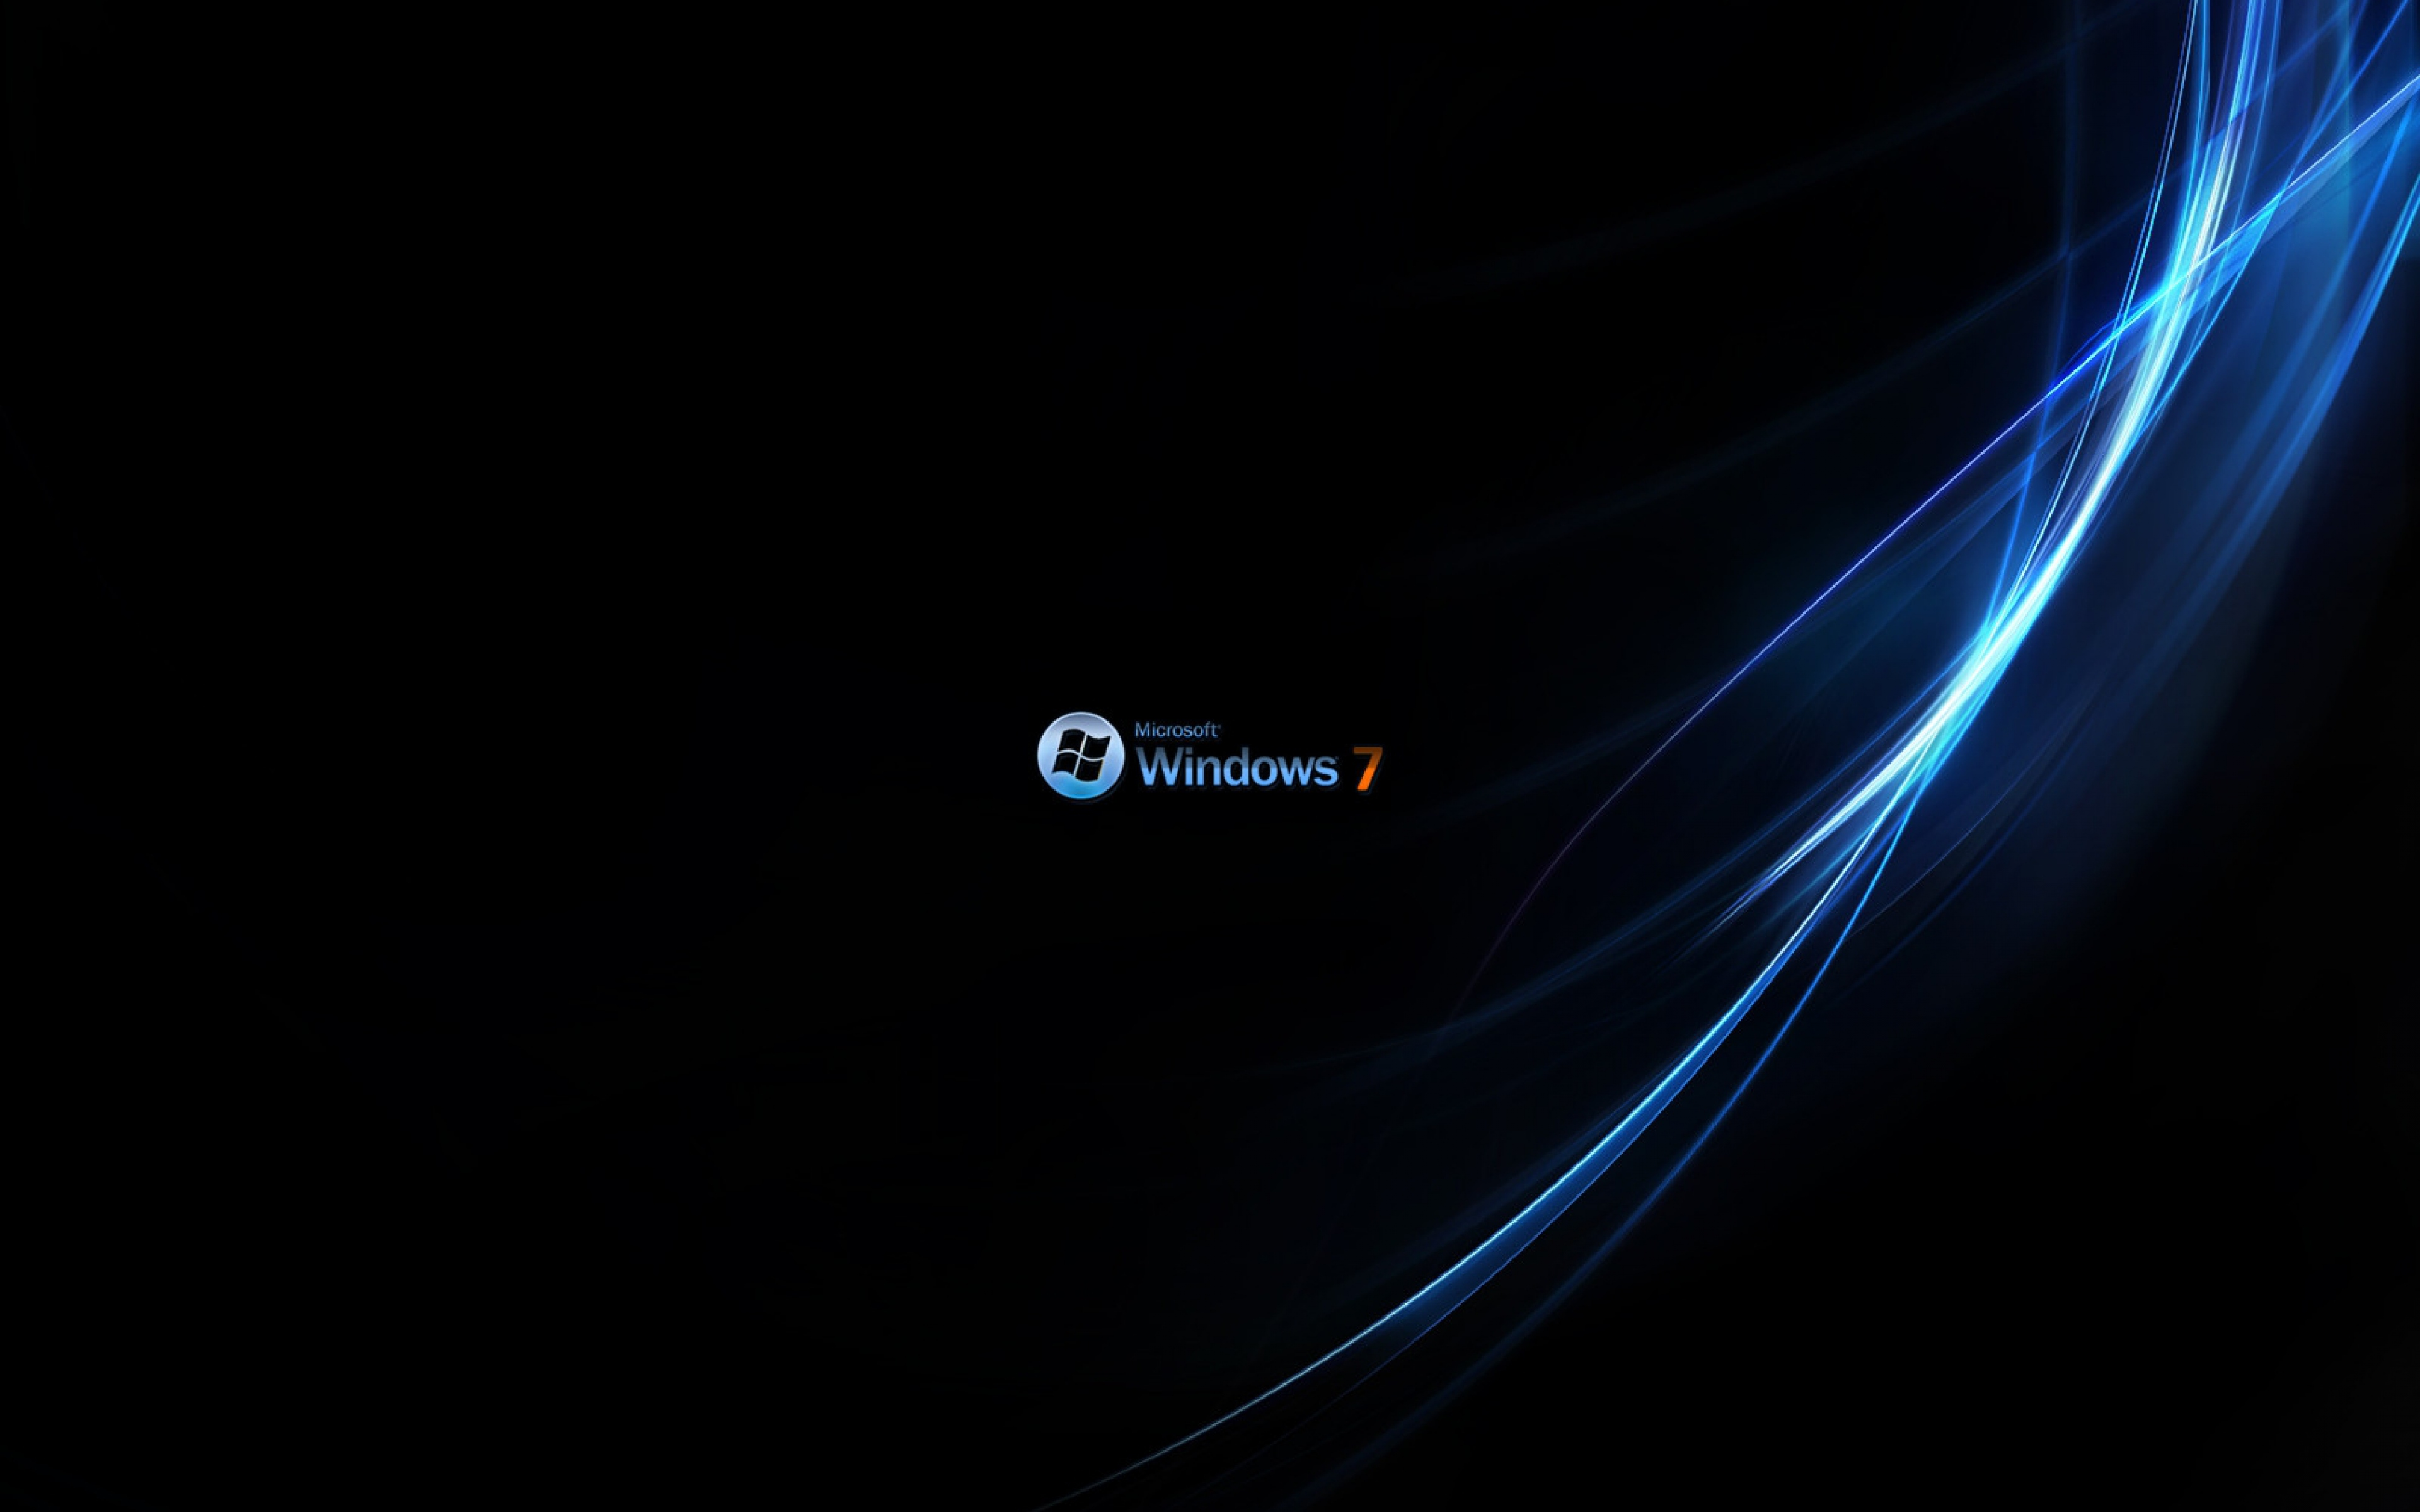 Free Download Windows System Background Dark Wallpaper Background